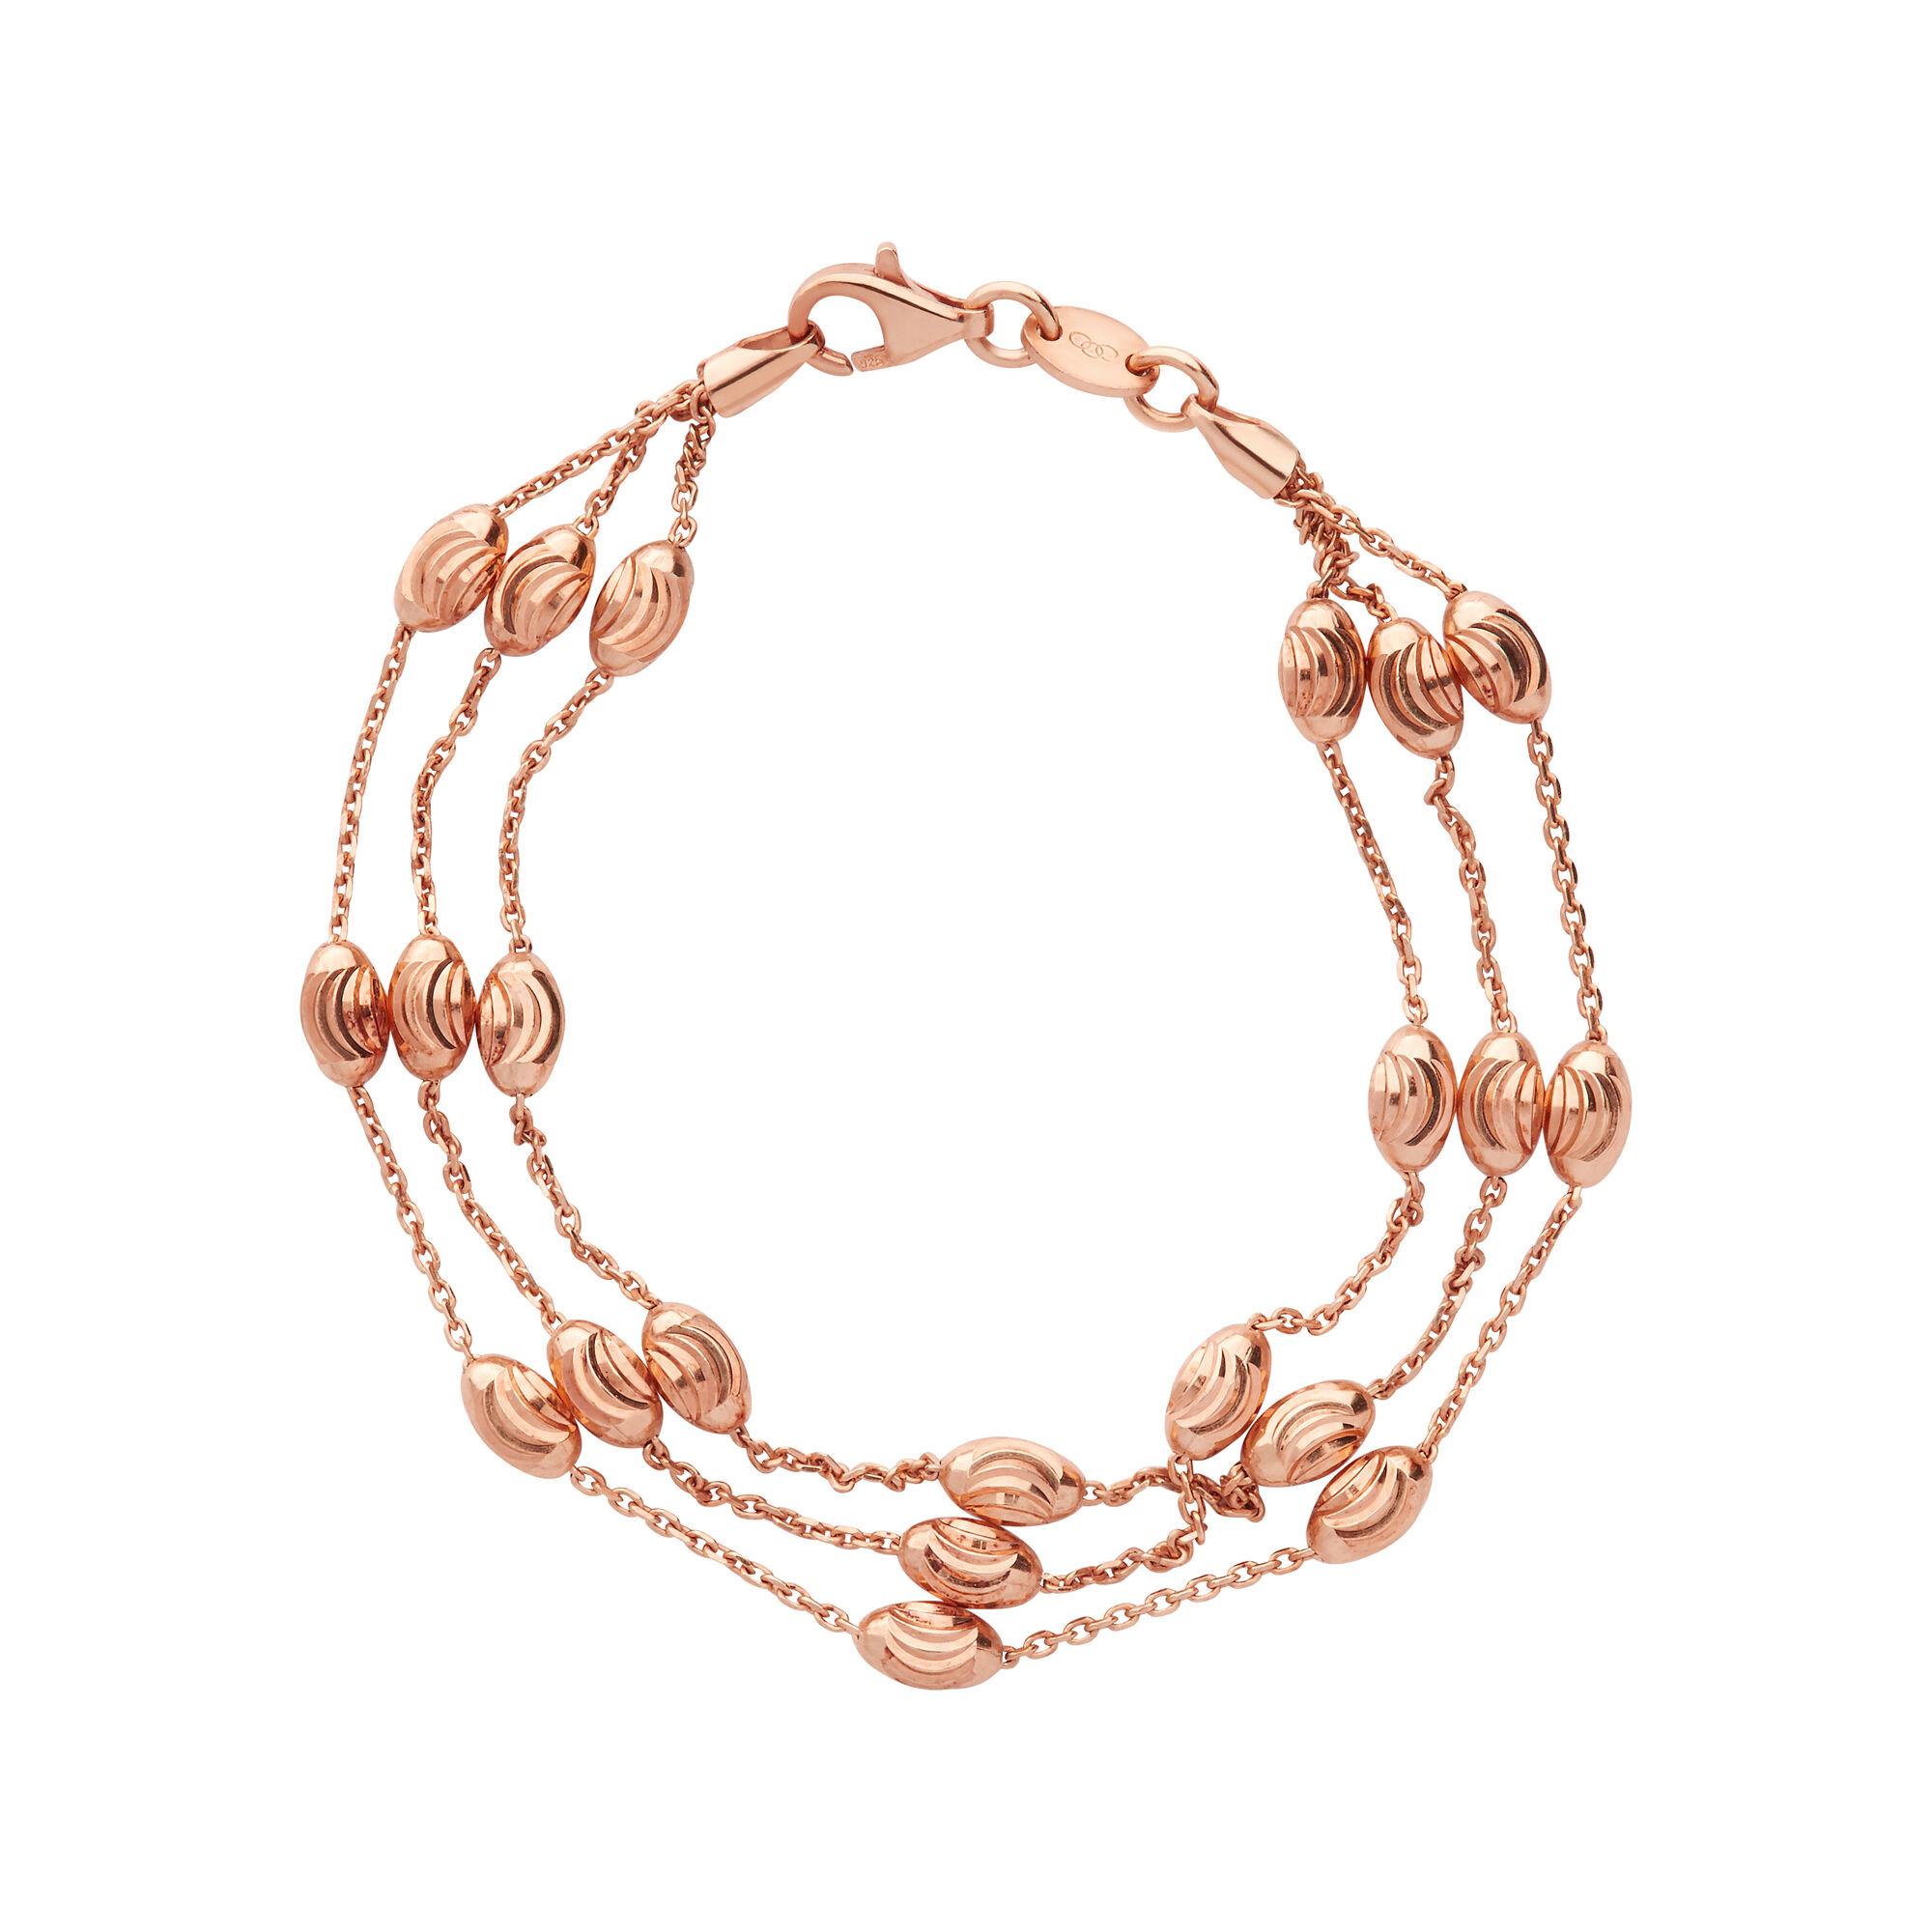 ladies essentials 18kt rose gold chain bracelet links of. Black Bedroom Furniture Sets. Home Design Ideas